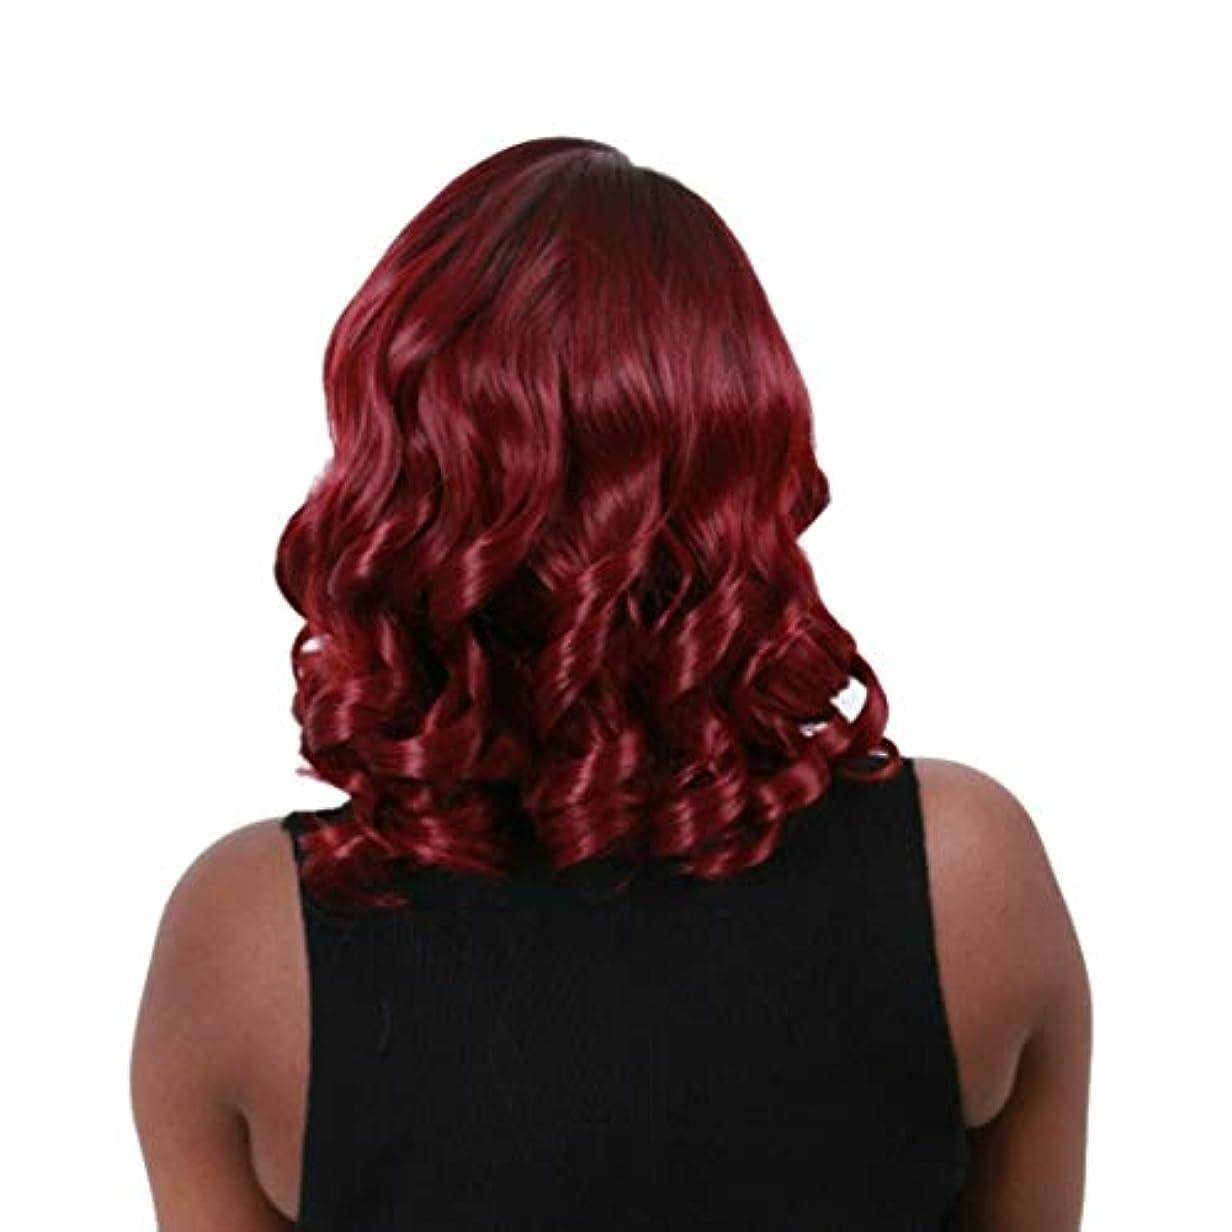 調査電気的風Kerwinner かつら女性のための傾斜前髪ショートカーリーヘアーワインレッド高温シルクウィッグ